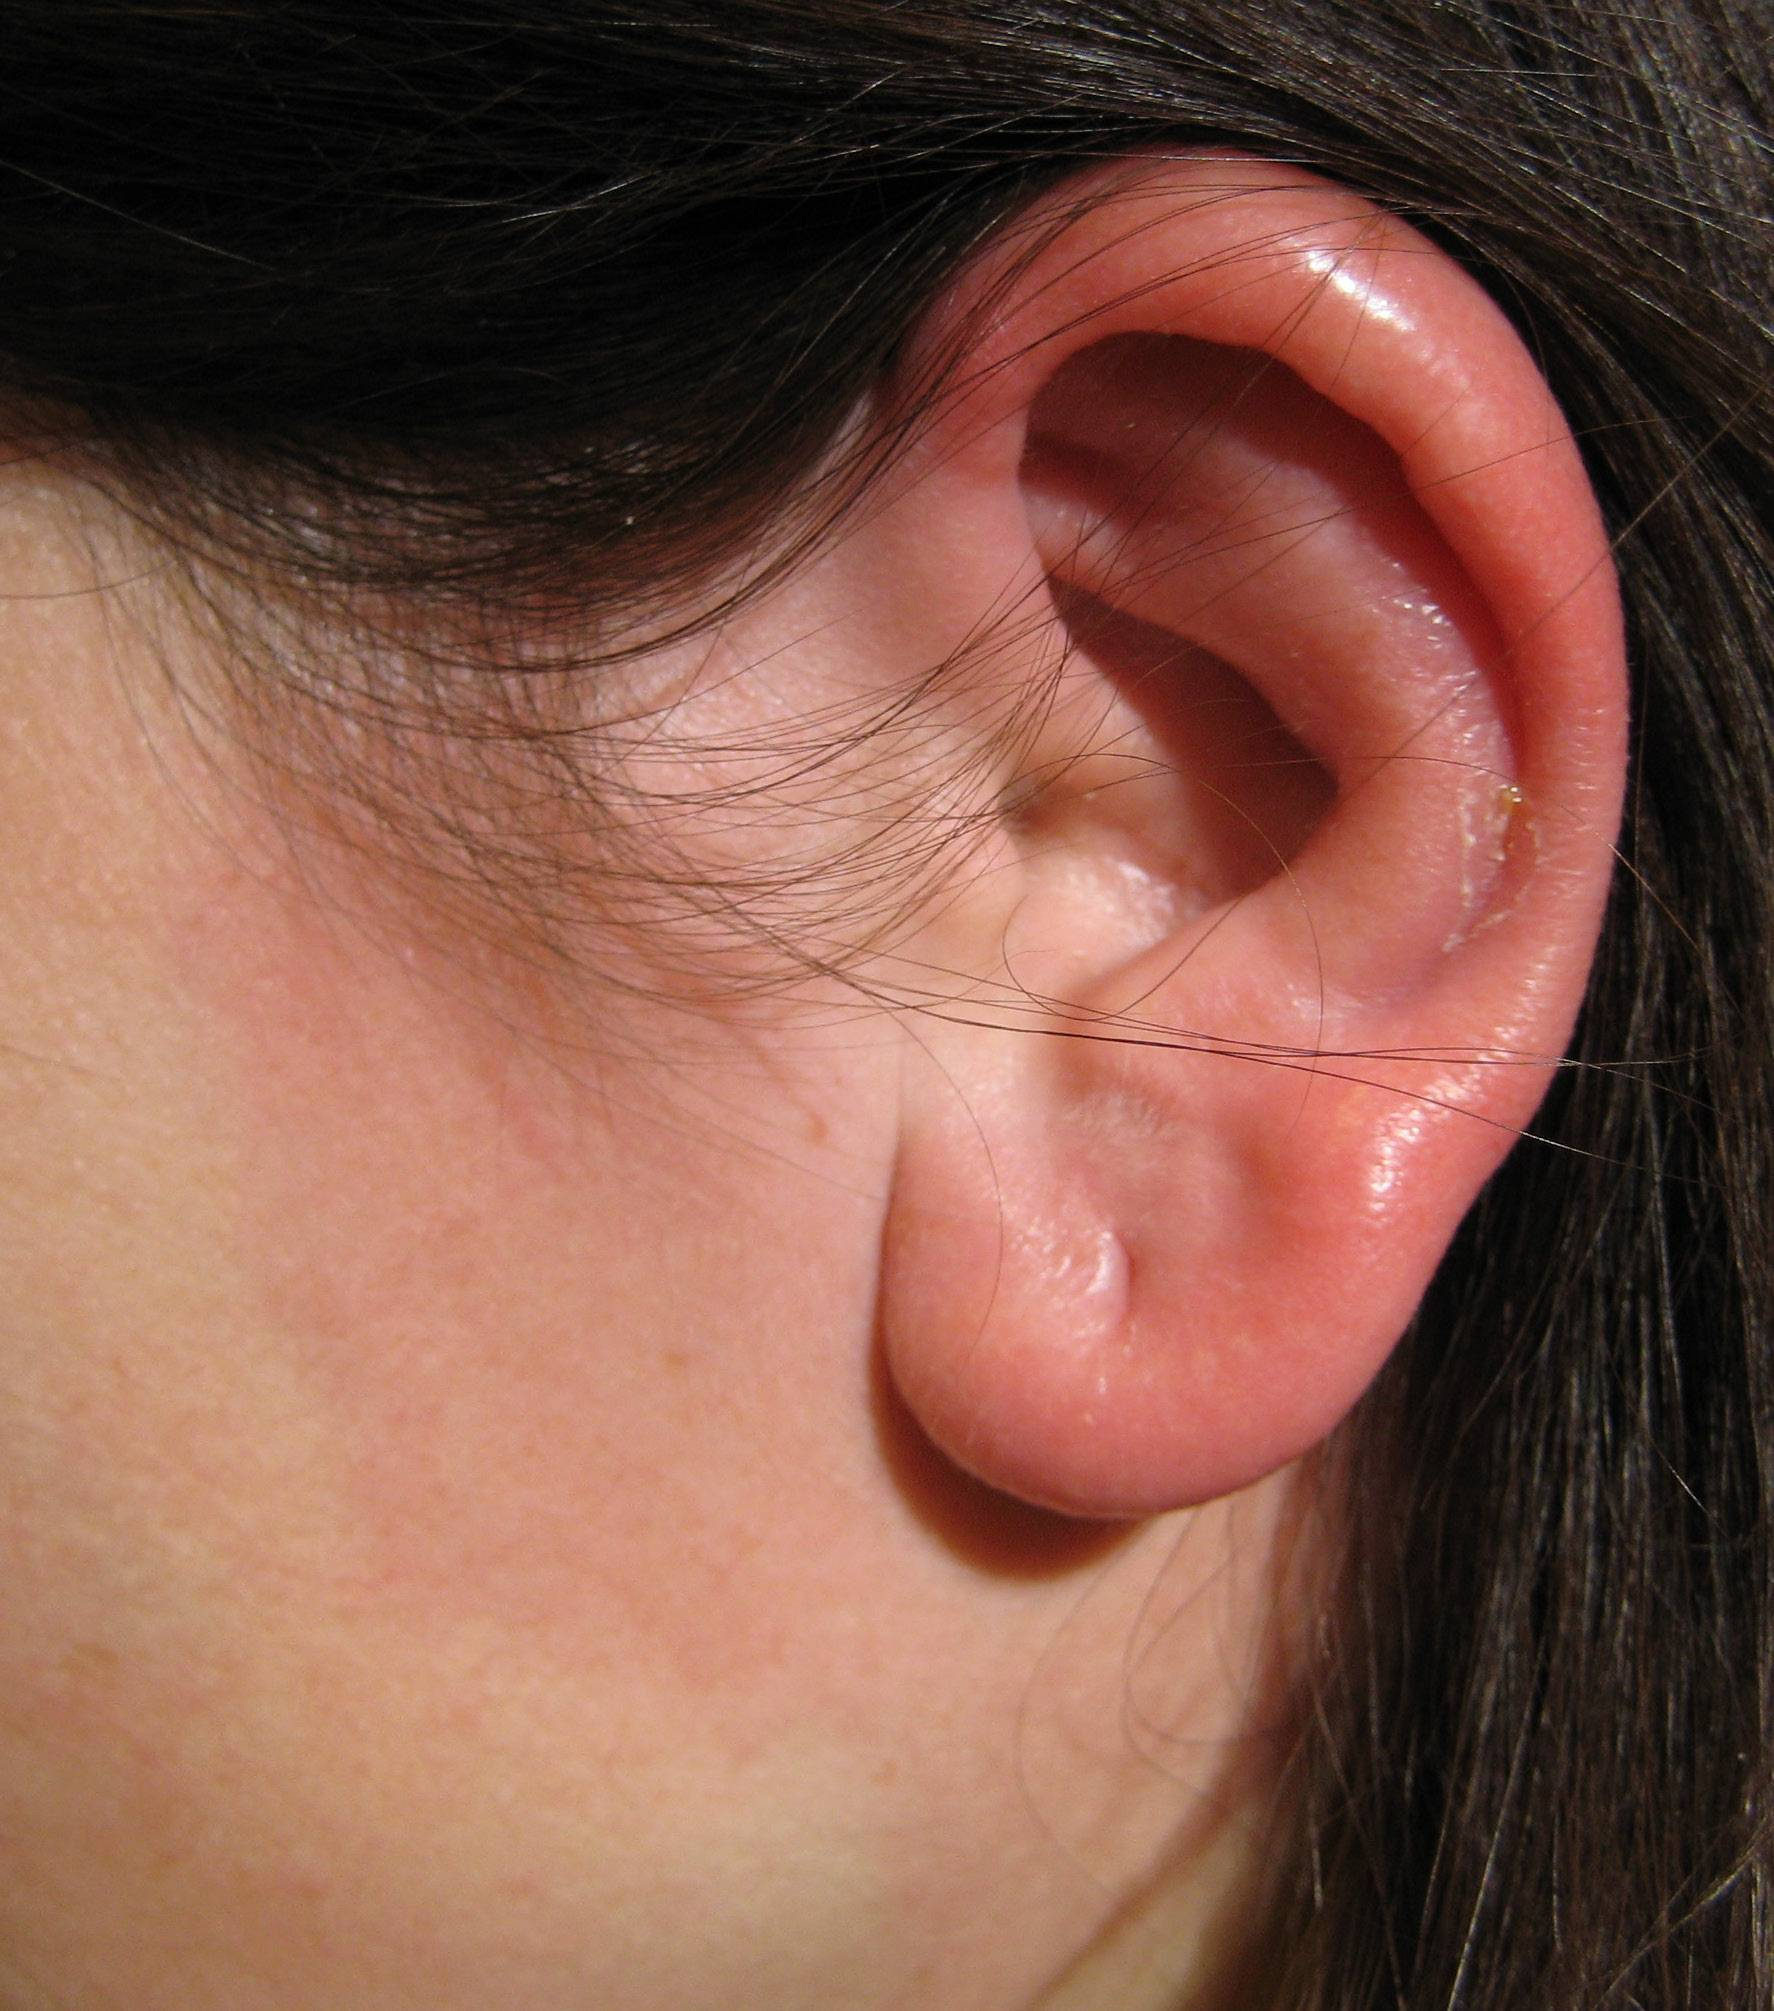 Перихондрит ушной раковины — симптомы и лечение хондроперихондрита 2019